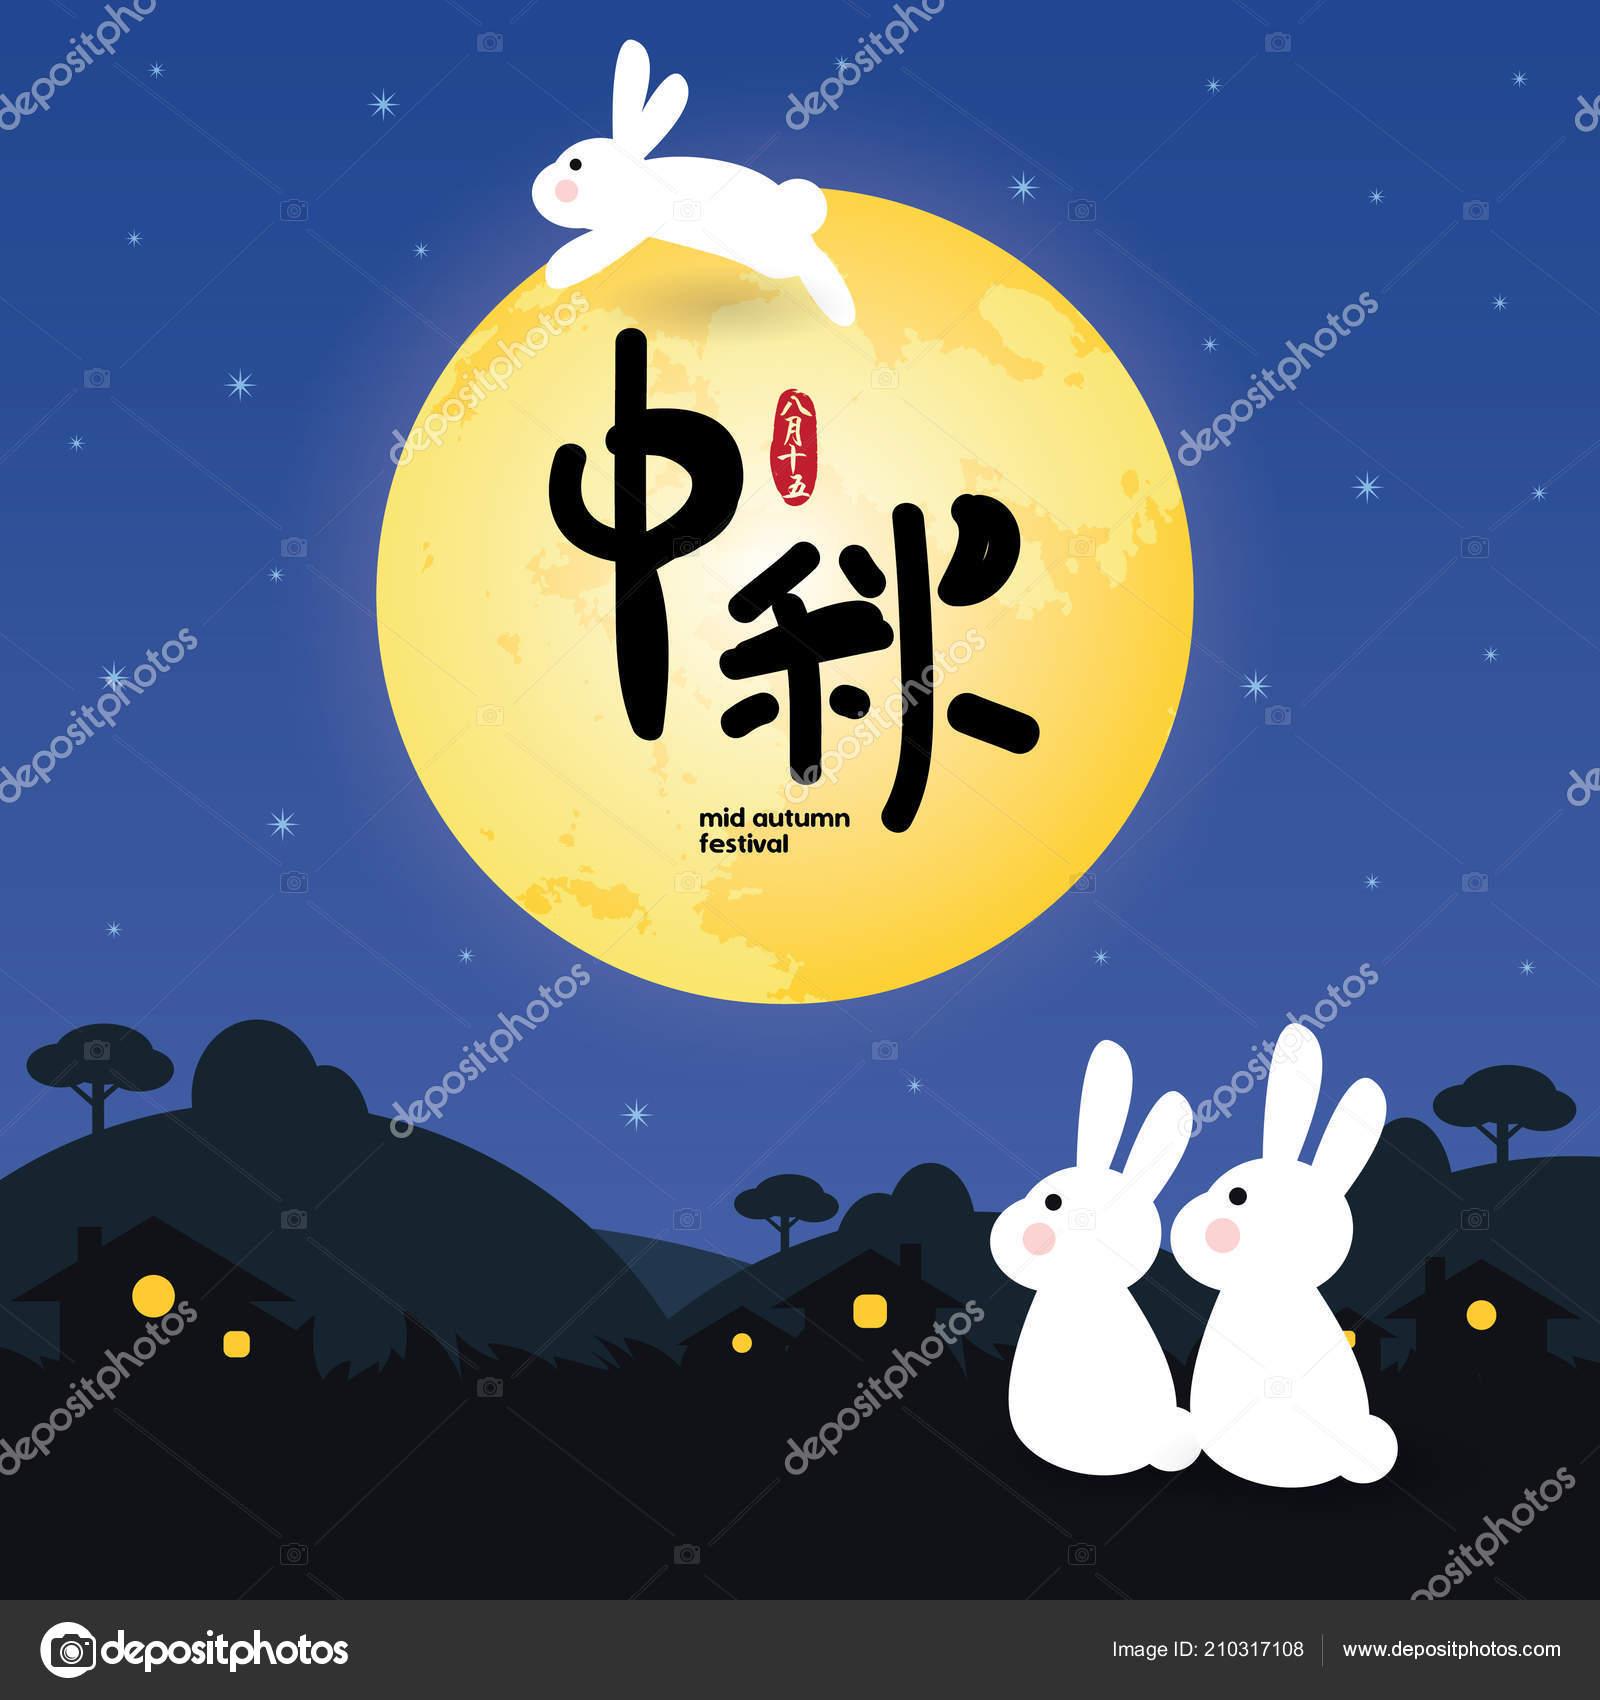 中秋佳节 人月团圆_中秋节或中邱街可爱的兔子欣赏月亮的插图 满月带来团圆庆祝 ...